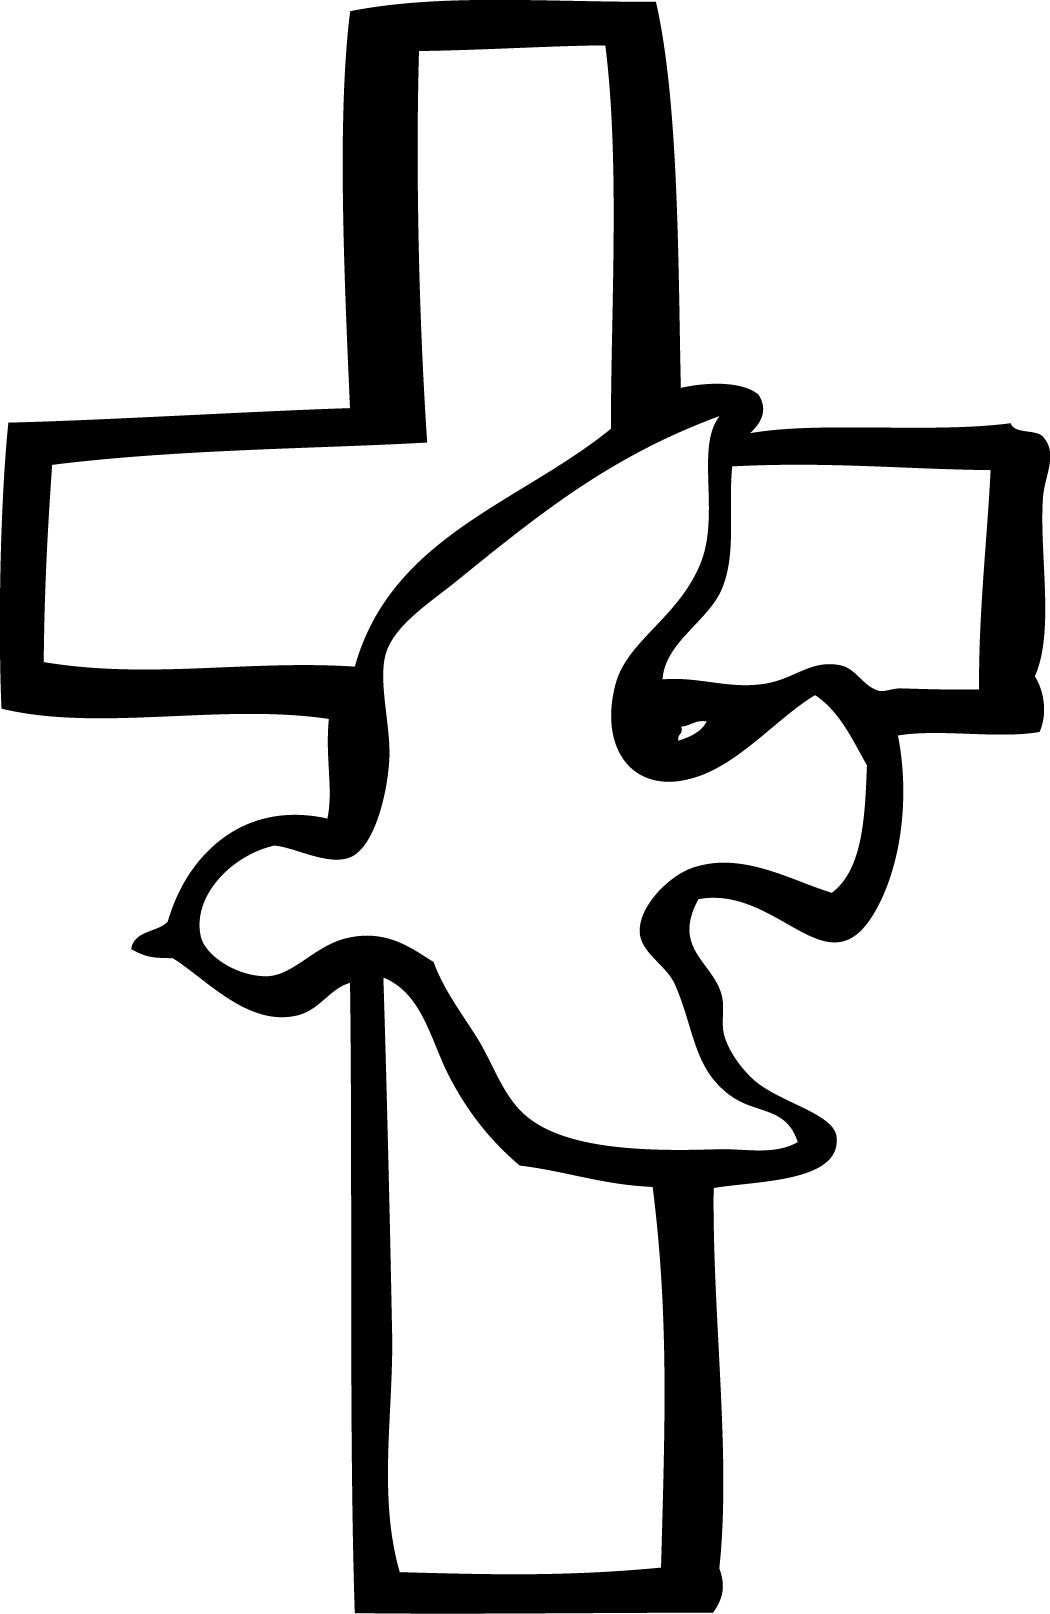 Catholic Clipart & Catholic Clip Art Images.